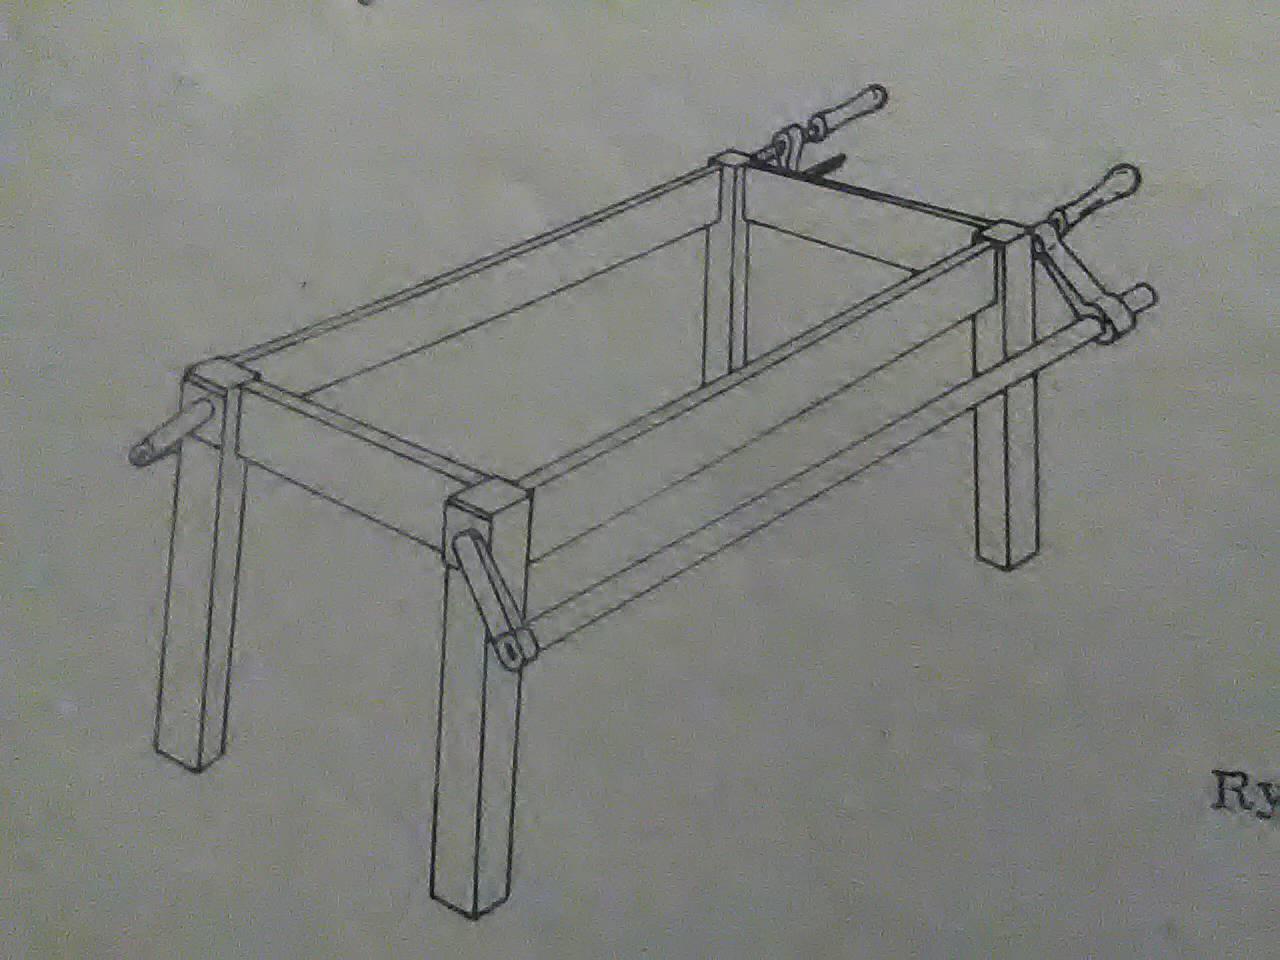 ręczny, ściskowy sposób sklejania konstrukcji stołu